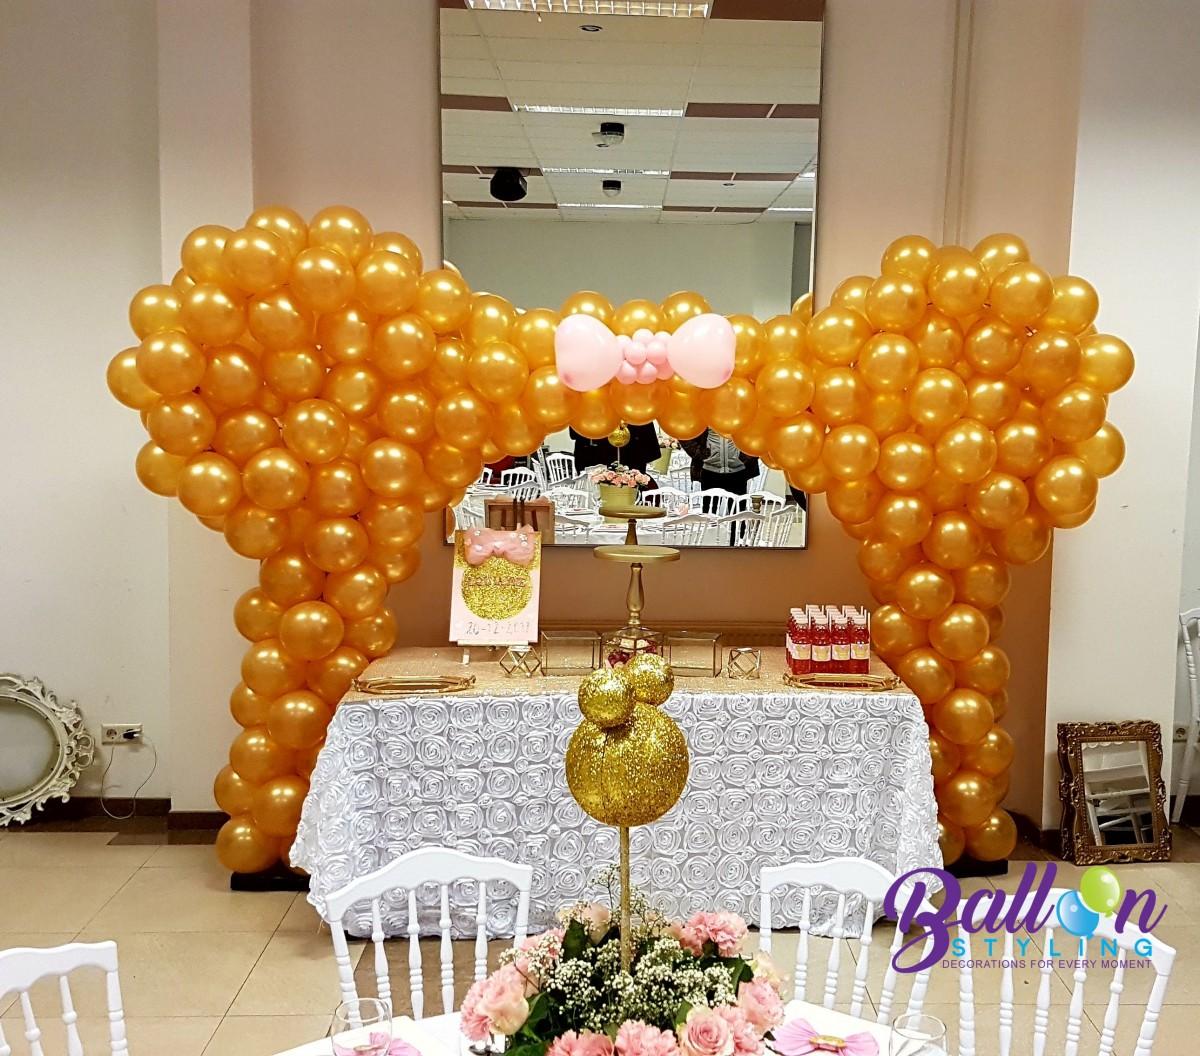 Ballonnenboog Minnie Mouse metallic gouden ballonnen Brabant Tilburg Reeshof